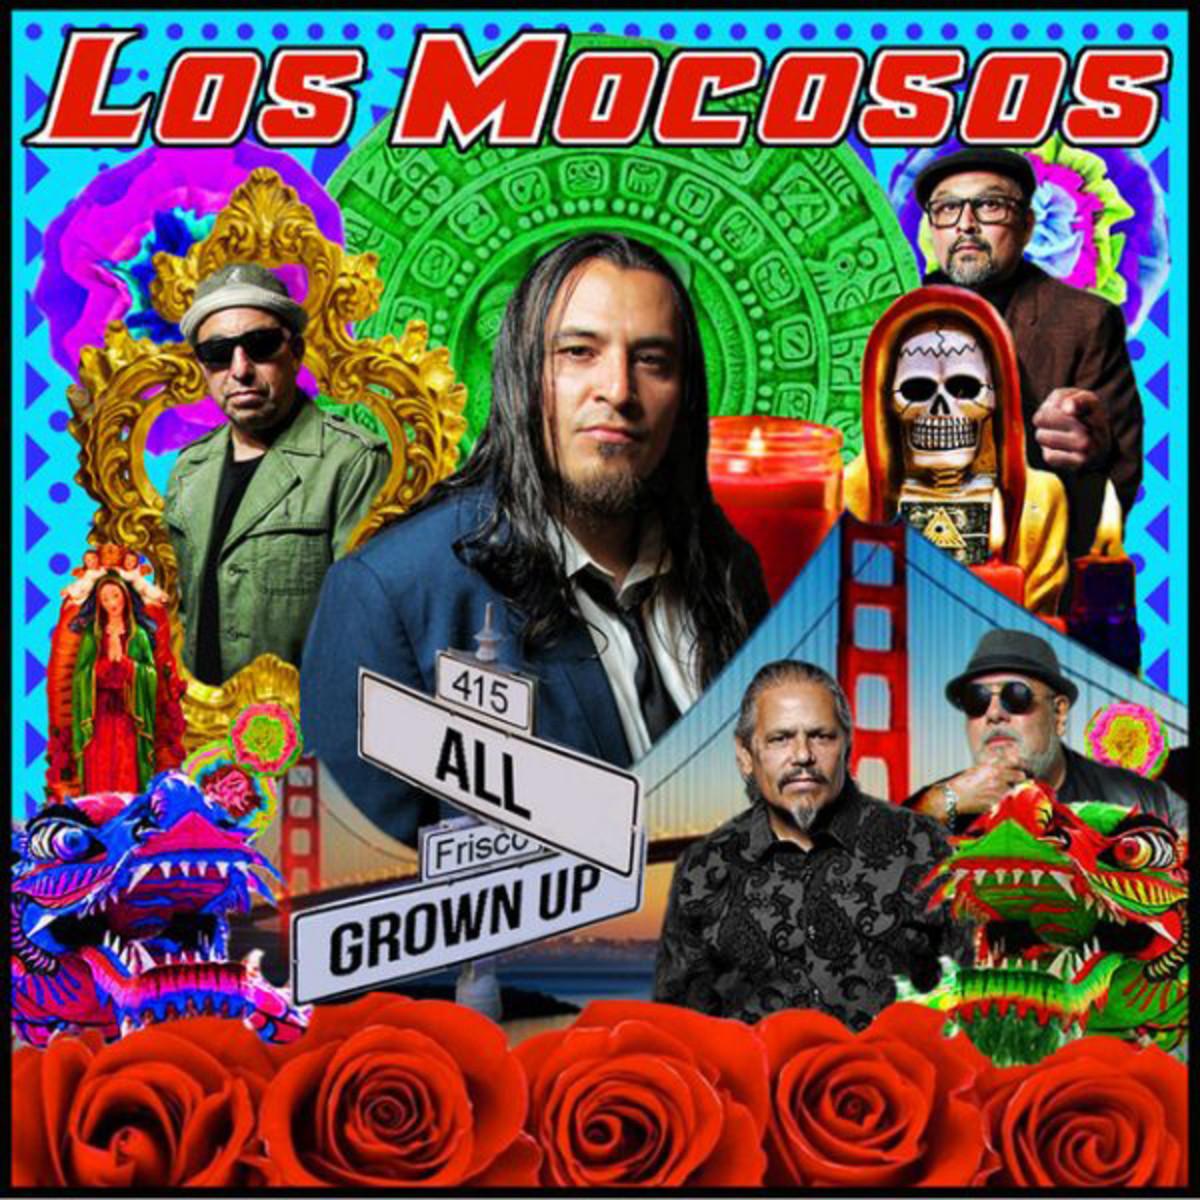 los-mocosos-all-grown-up-600x600